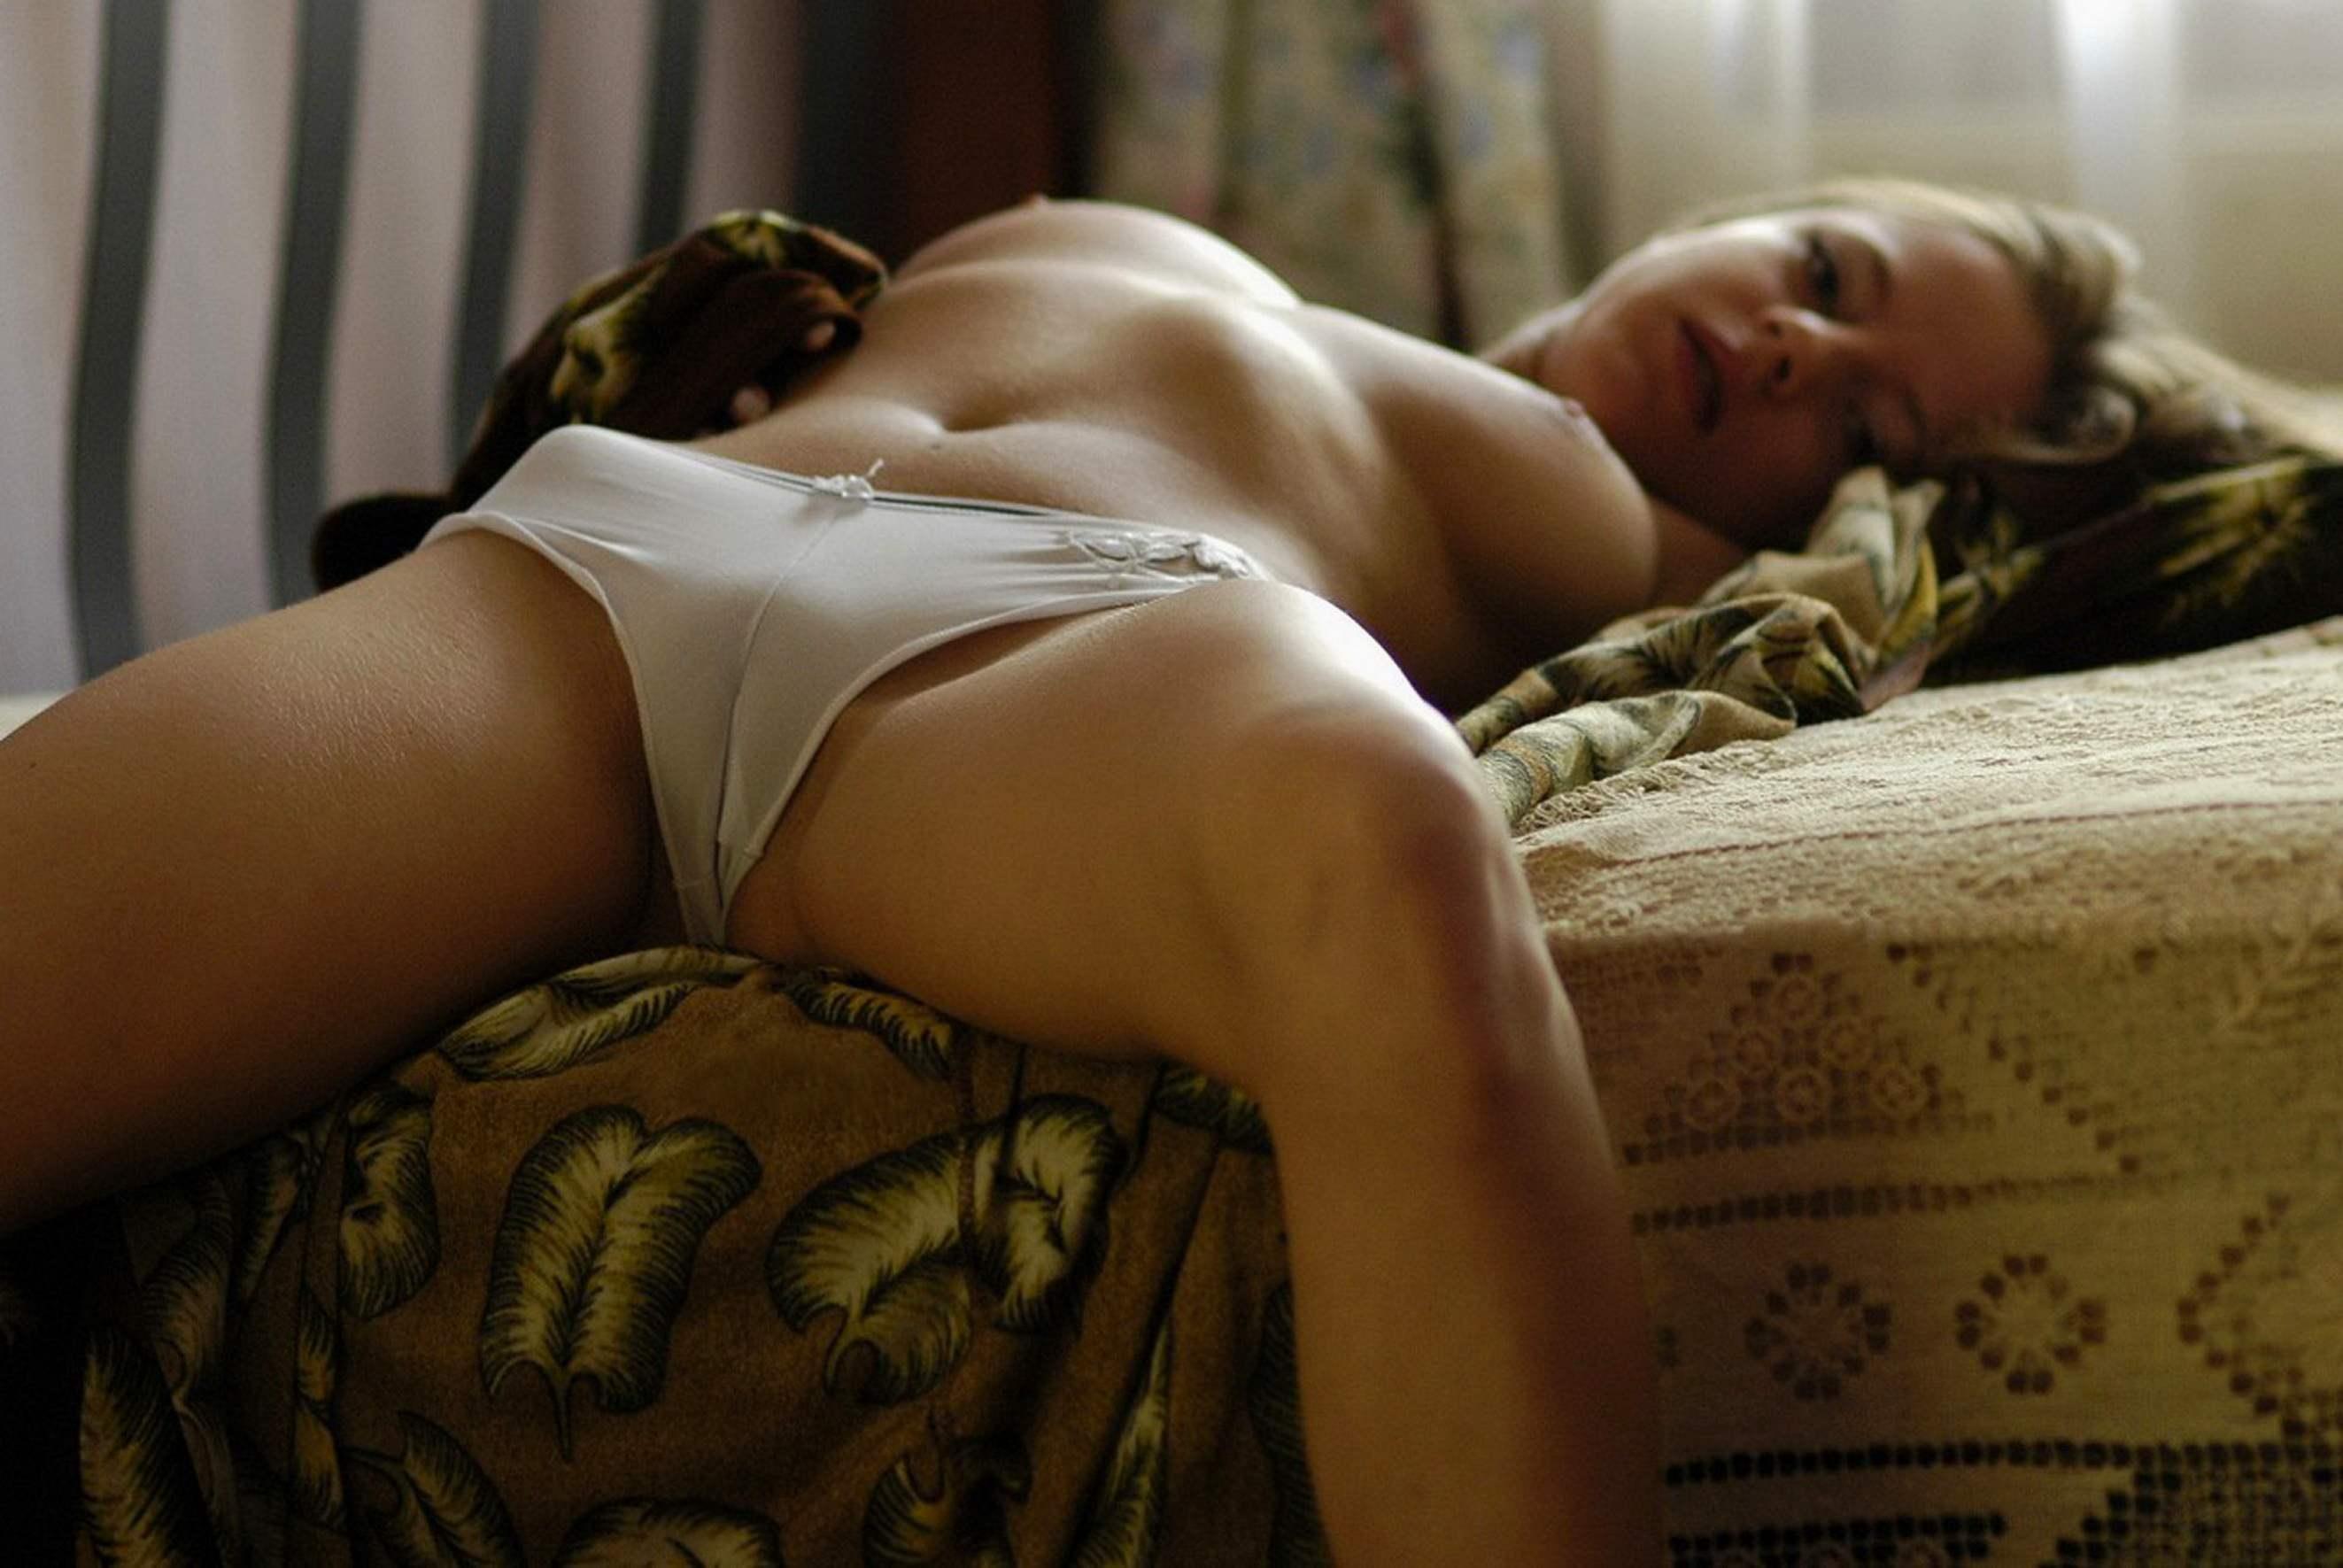 Эрофото девушки в обтягивающих трусиках 29 фотография